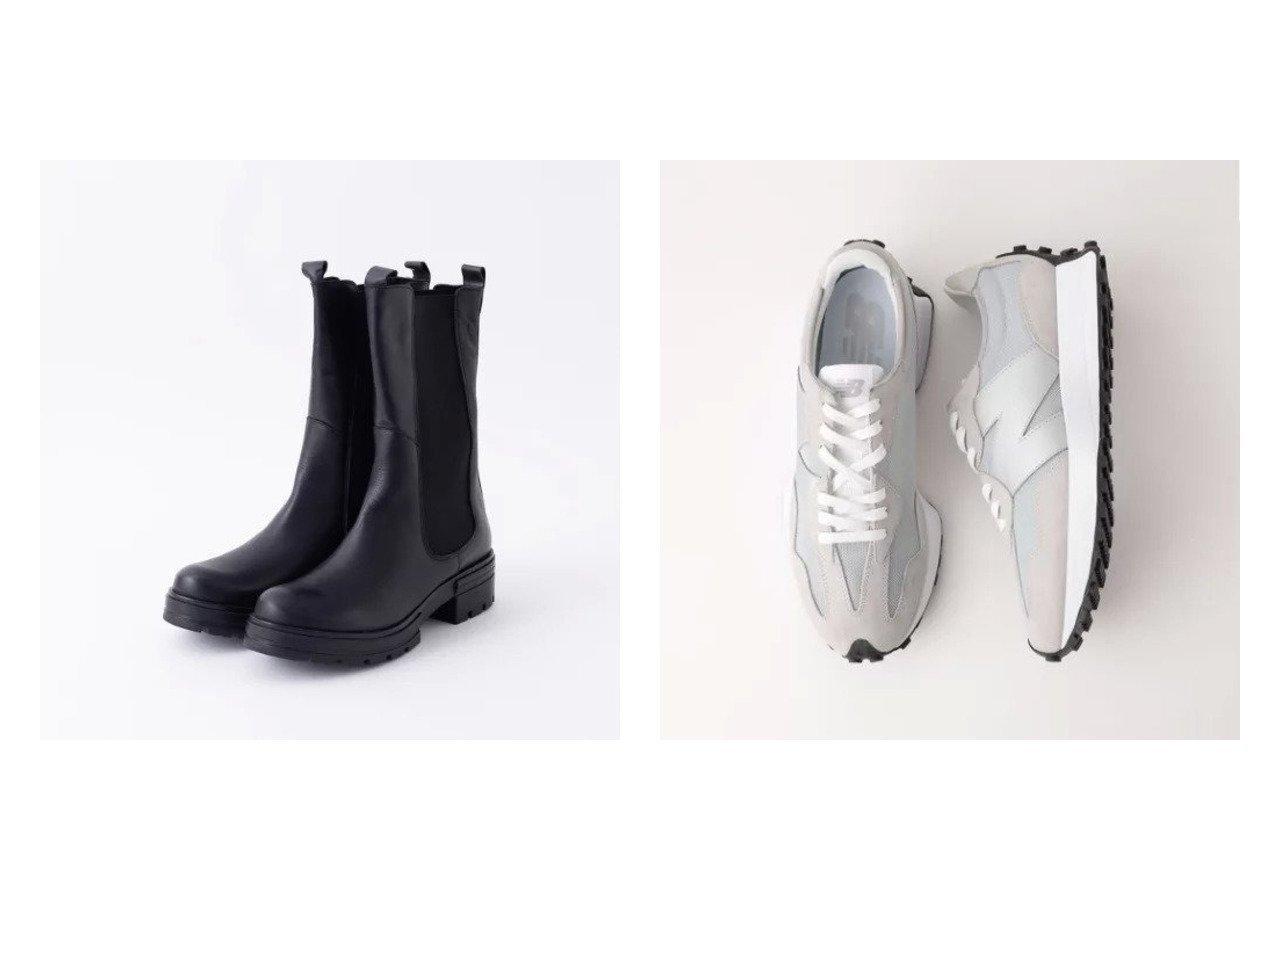 【green label relaxing / UNITED ARROWS/グリーンレーベル リラクシング / ユナイテッドアローズ】のMS327 SLD スニーカー&【Rouge vif/ルージュ ヴィフ】の【MOHI】チェルシーブーツ 【シューズ・靴】おすすめ!人気、トレンド・レディースファッションの通販 おすすめで人気の流行・トレンド、ファッションの通販商品 インテリア・家具・メンズファッション・キッズファッション・レディースファッション・服の通販 founy(ファニー) https://founy.com/ ファッション Fashion レディースファッション WOMEN おすすめ Recommend シューズ スマート トレンド フェミニン ミドル 人気 厚底 A/W・秋冬 AW・Autumn/Winter・FW・Fall-Winter スエード スニーカー バランス ビッグ フィット フォルム メッシュ |ID:crp329100000069190